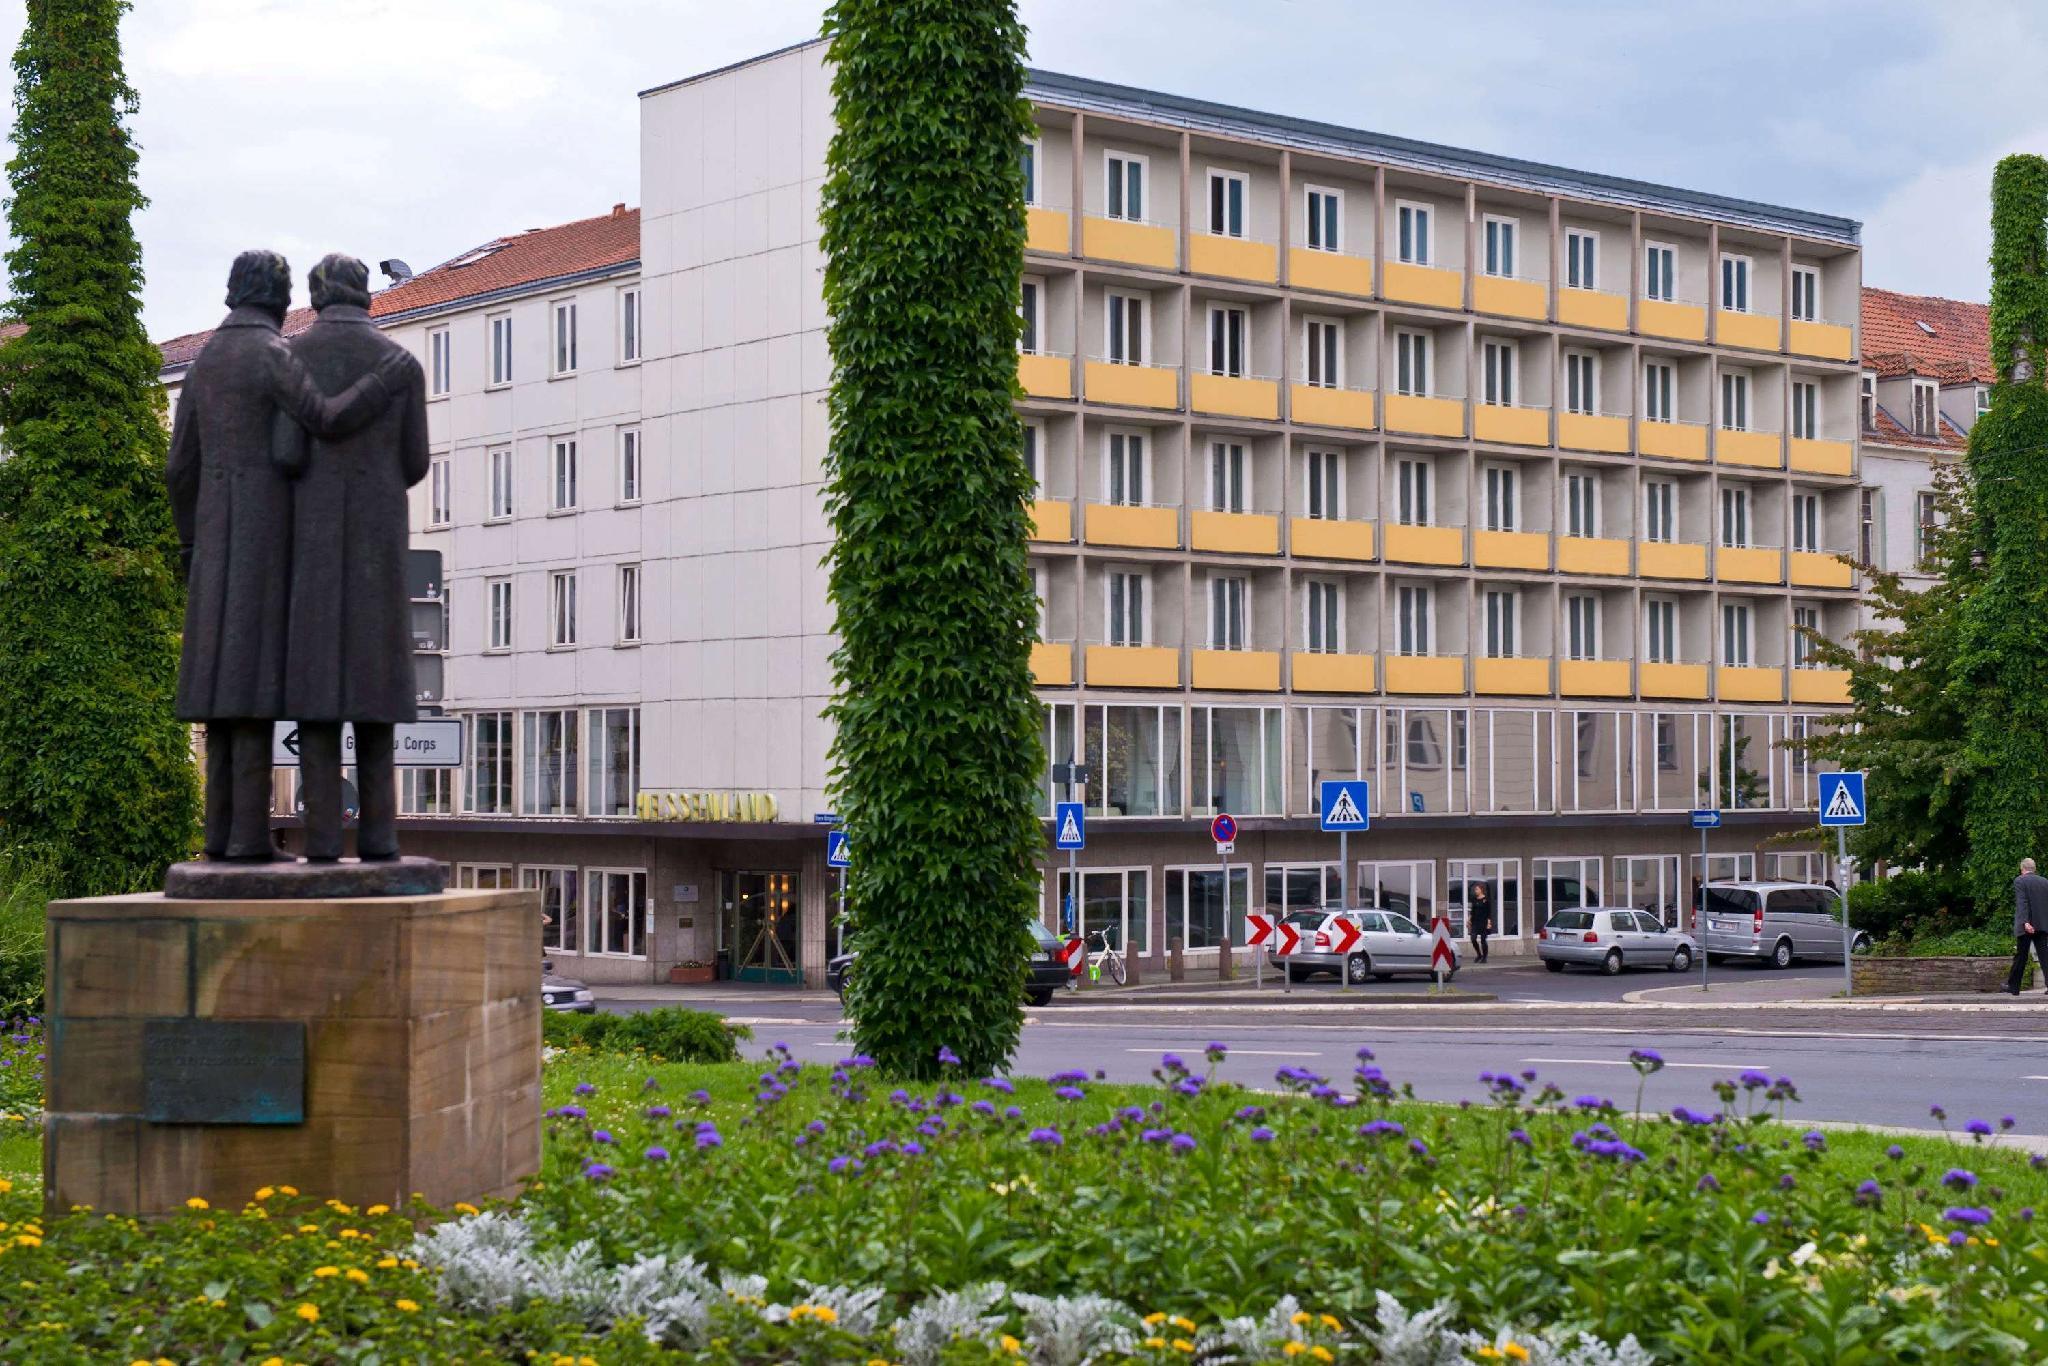 Days Inn By Wyndham Kassel Hessenland